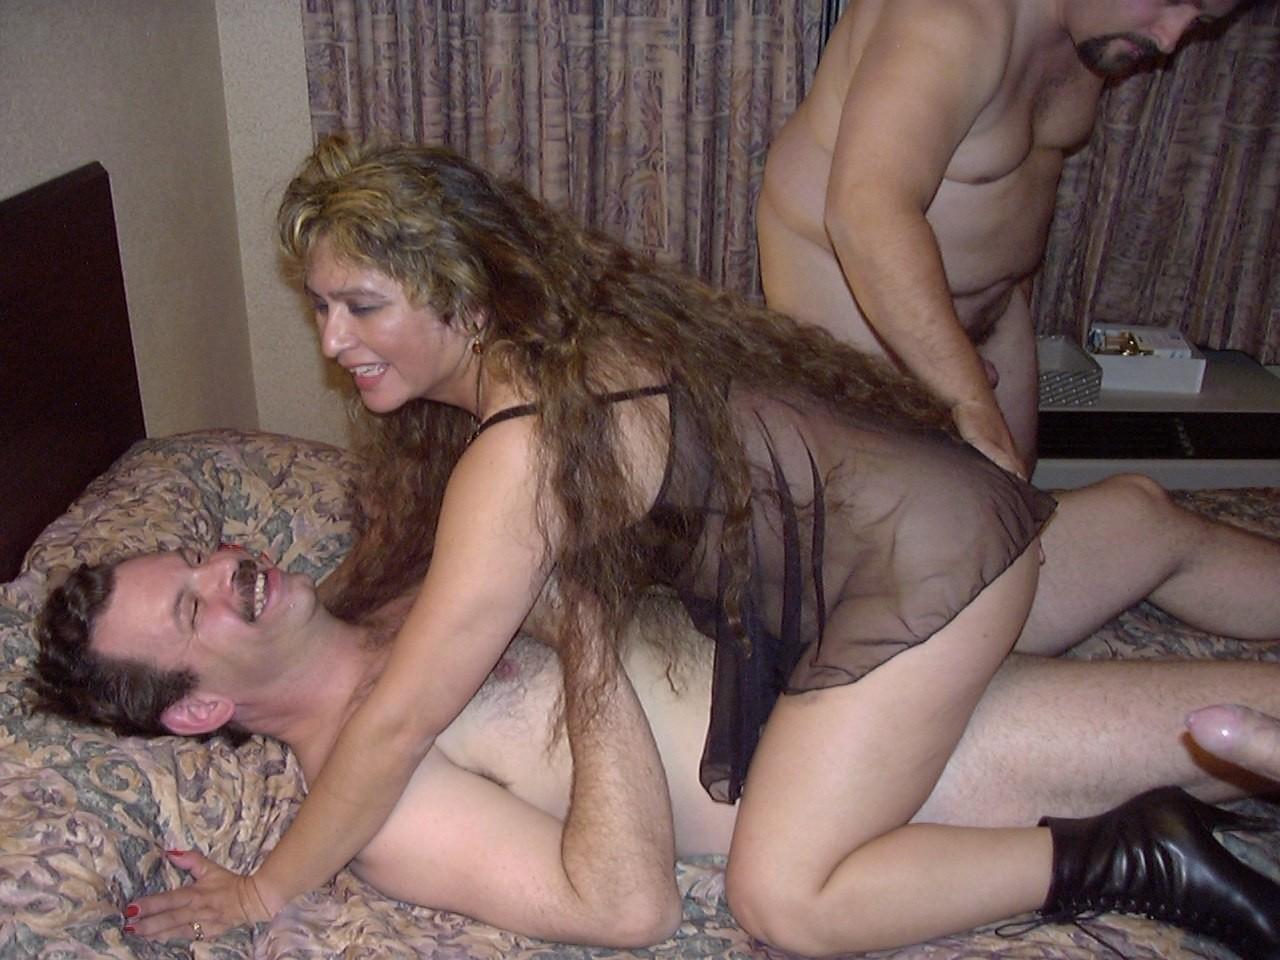 приходит вовремя, частное порно видео замужних дам сосал крошечный